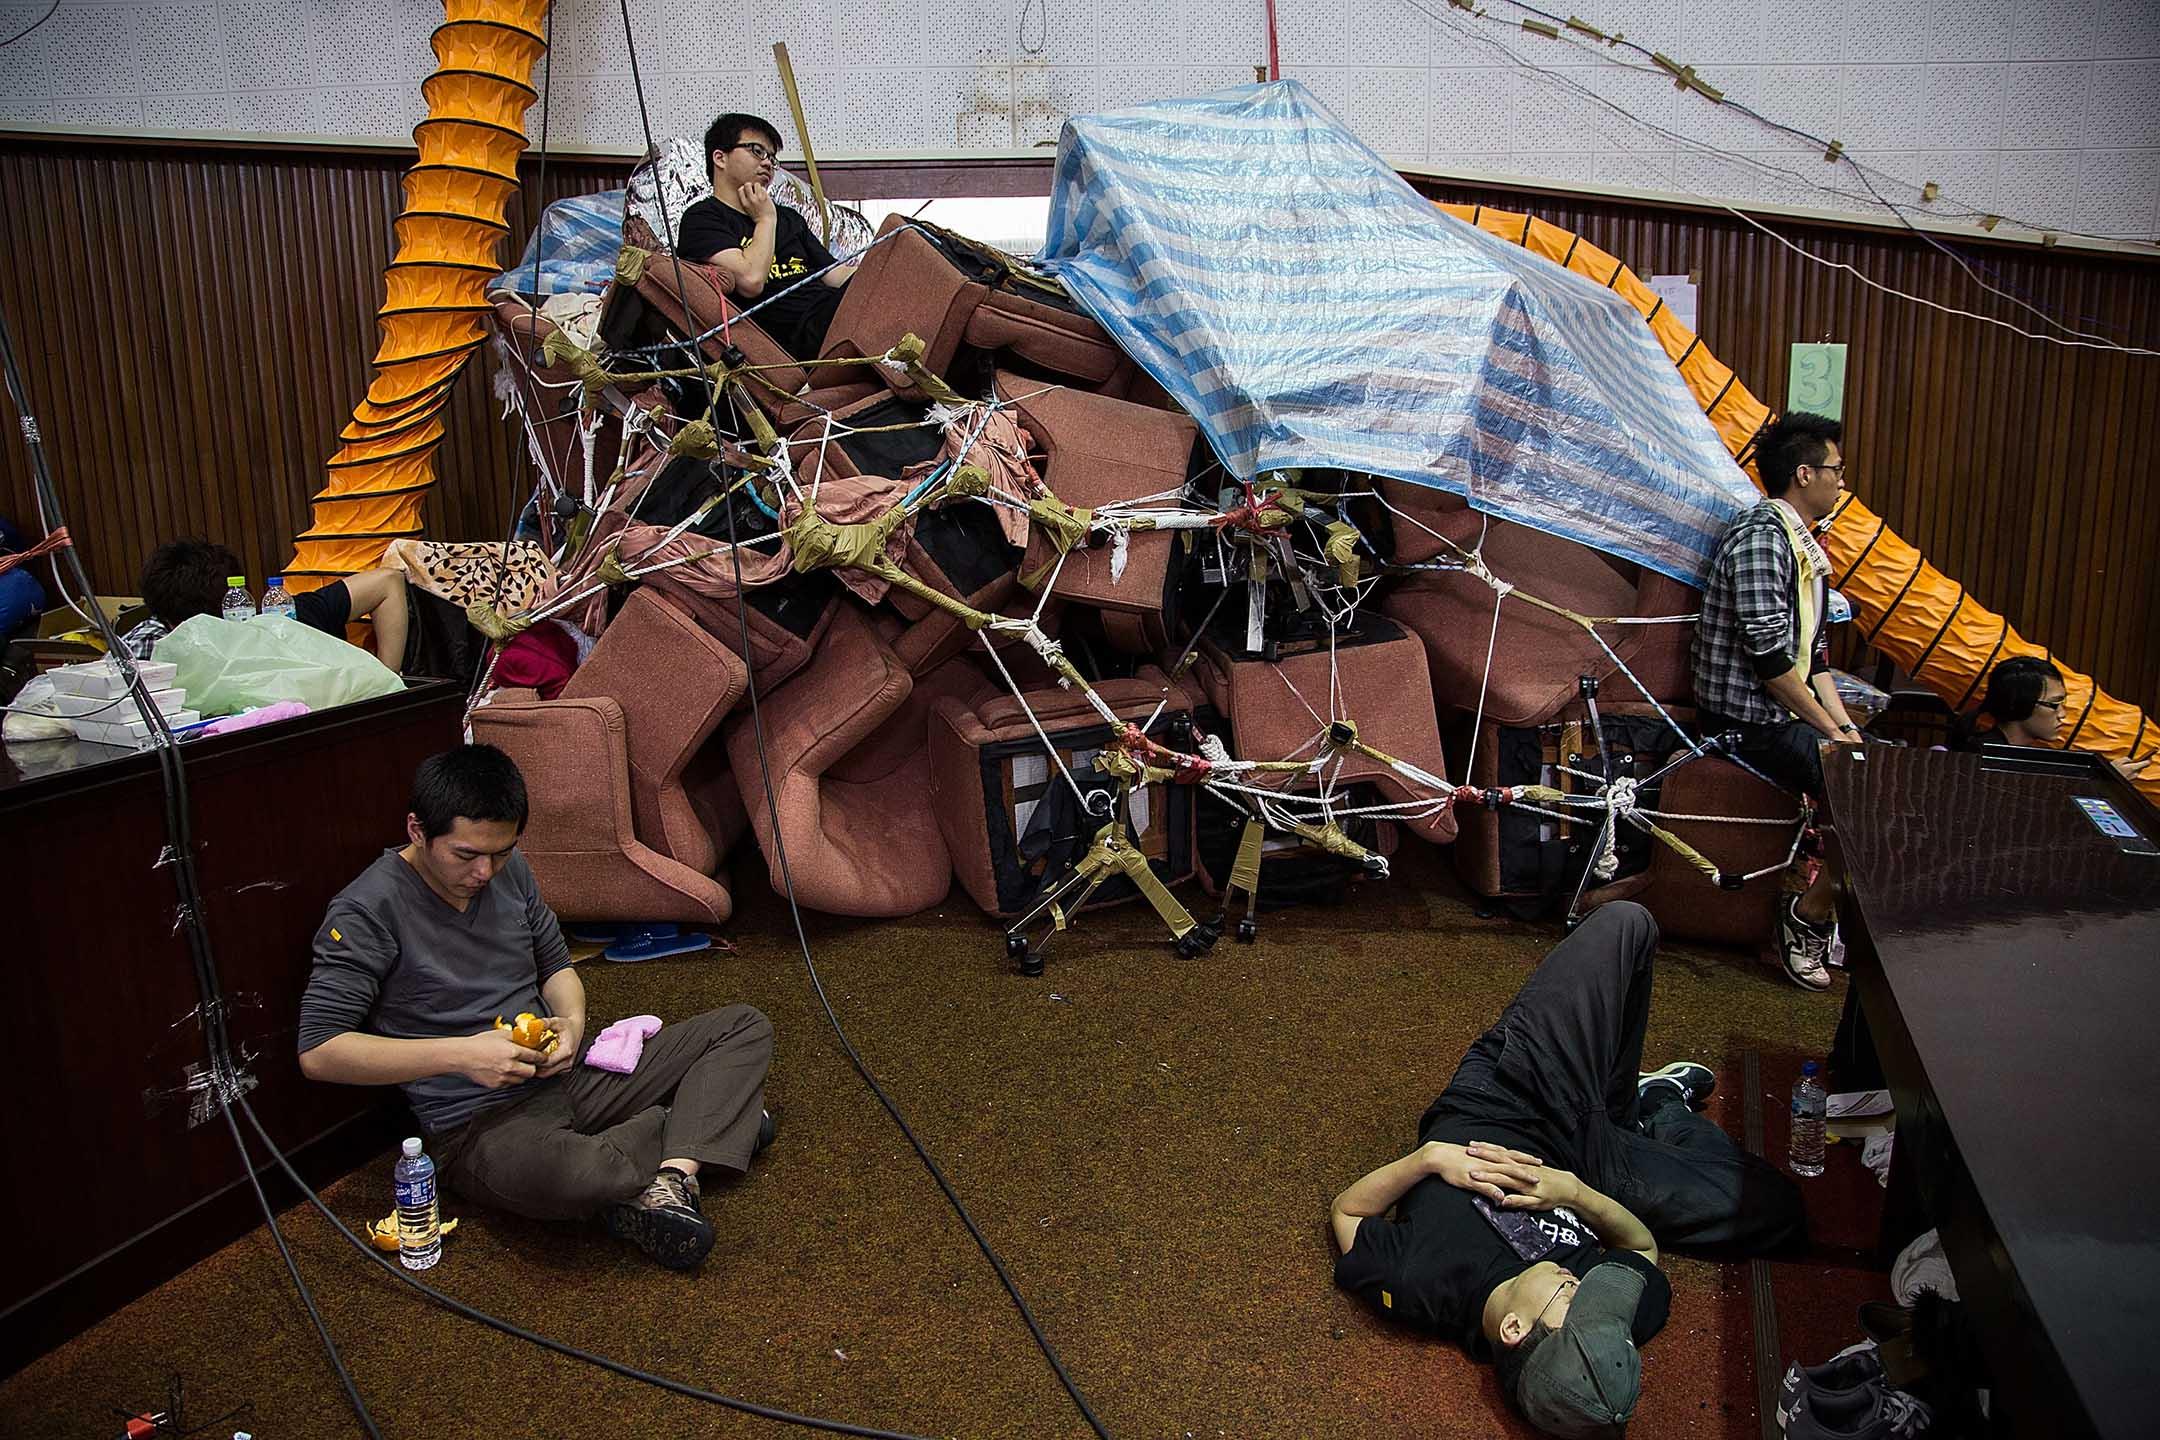 2014年3月26日台北,學生示威者佔領立法院。